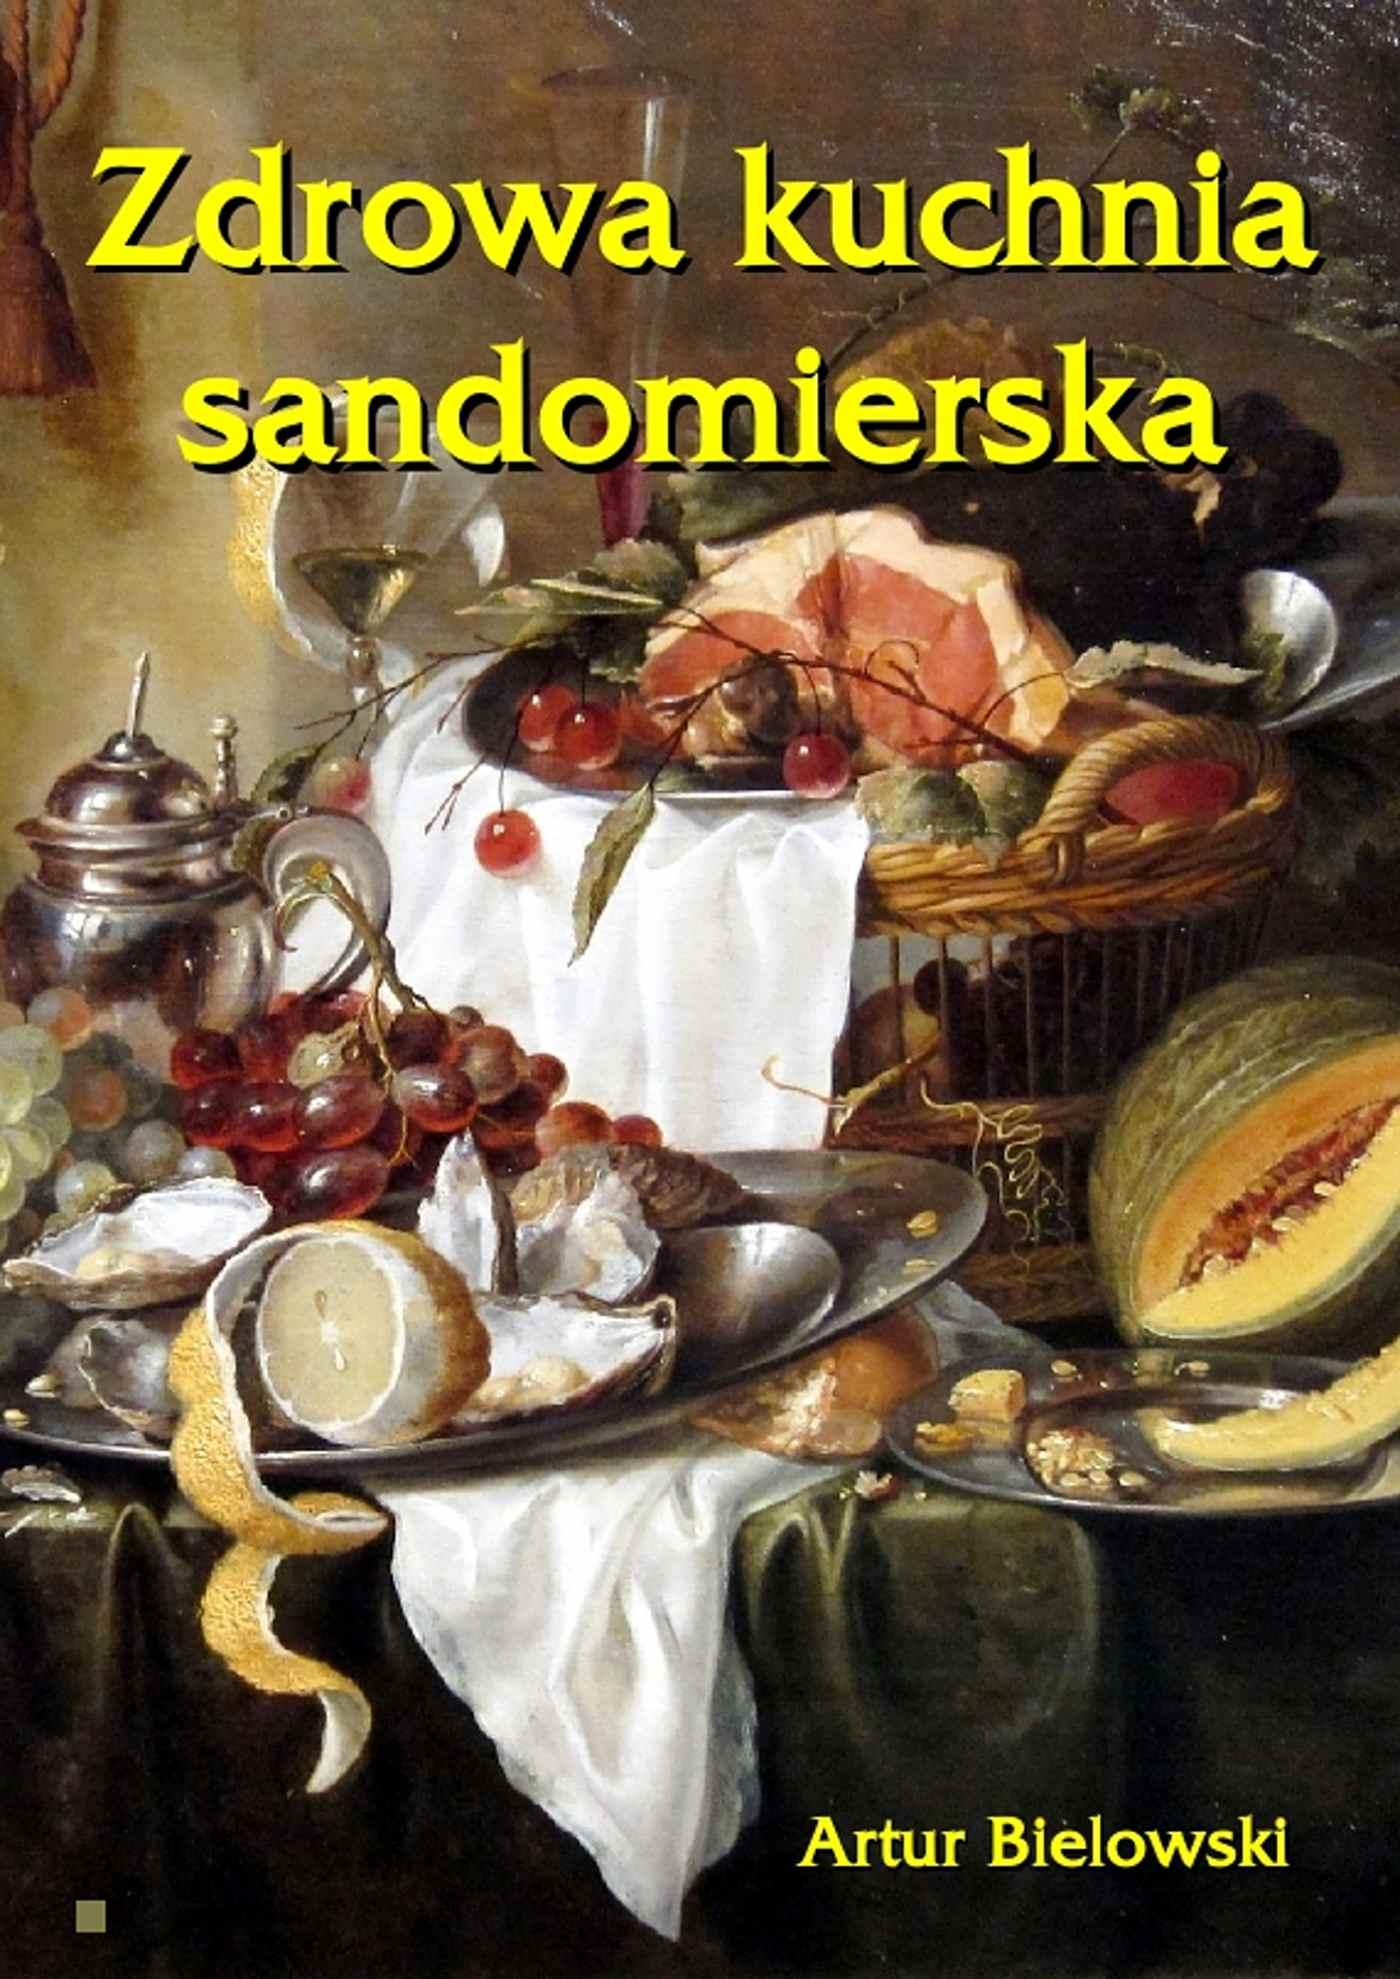 Zdrowa kuchnia sandomierska - Ebook (Książka EPUB) do pobrania w formacie EPUB